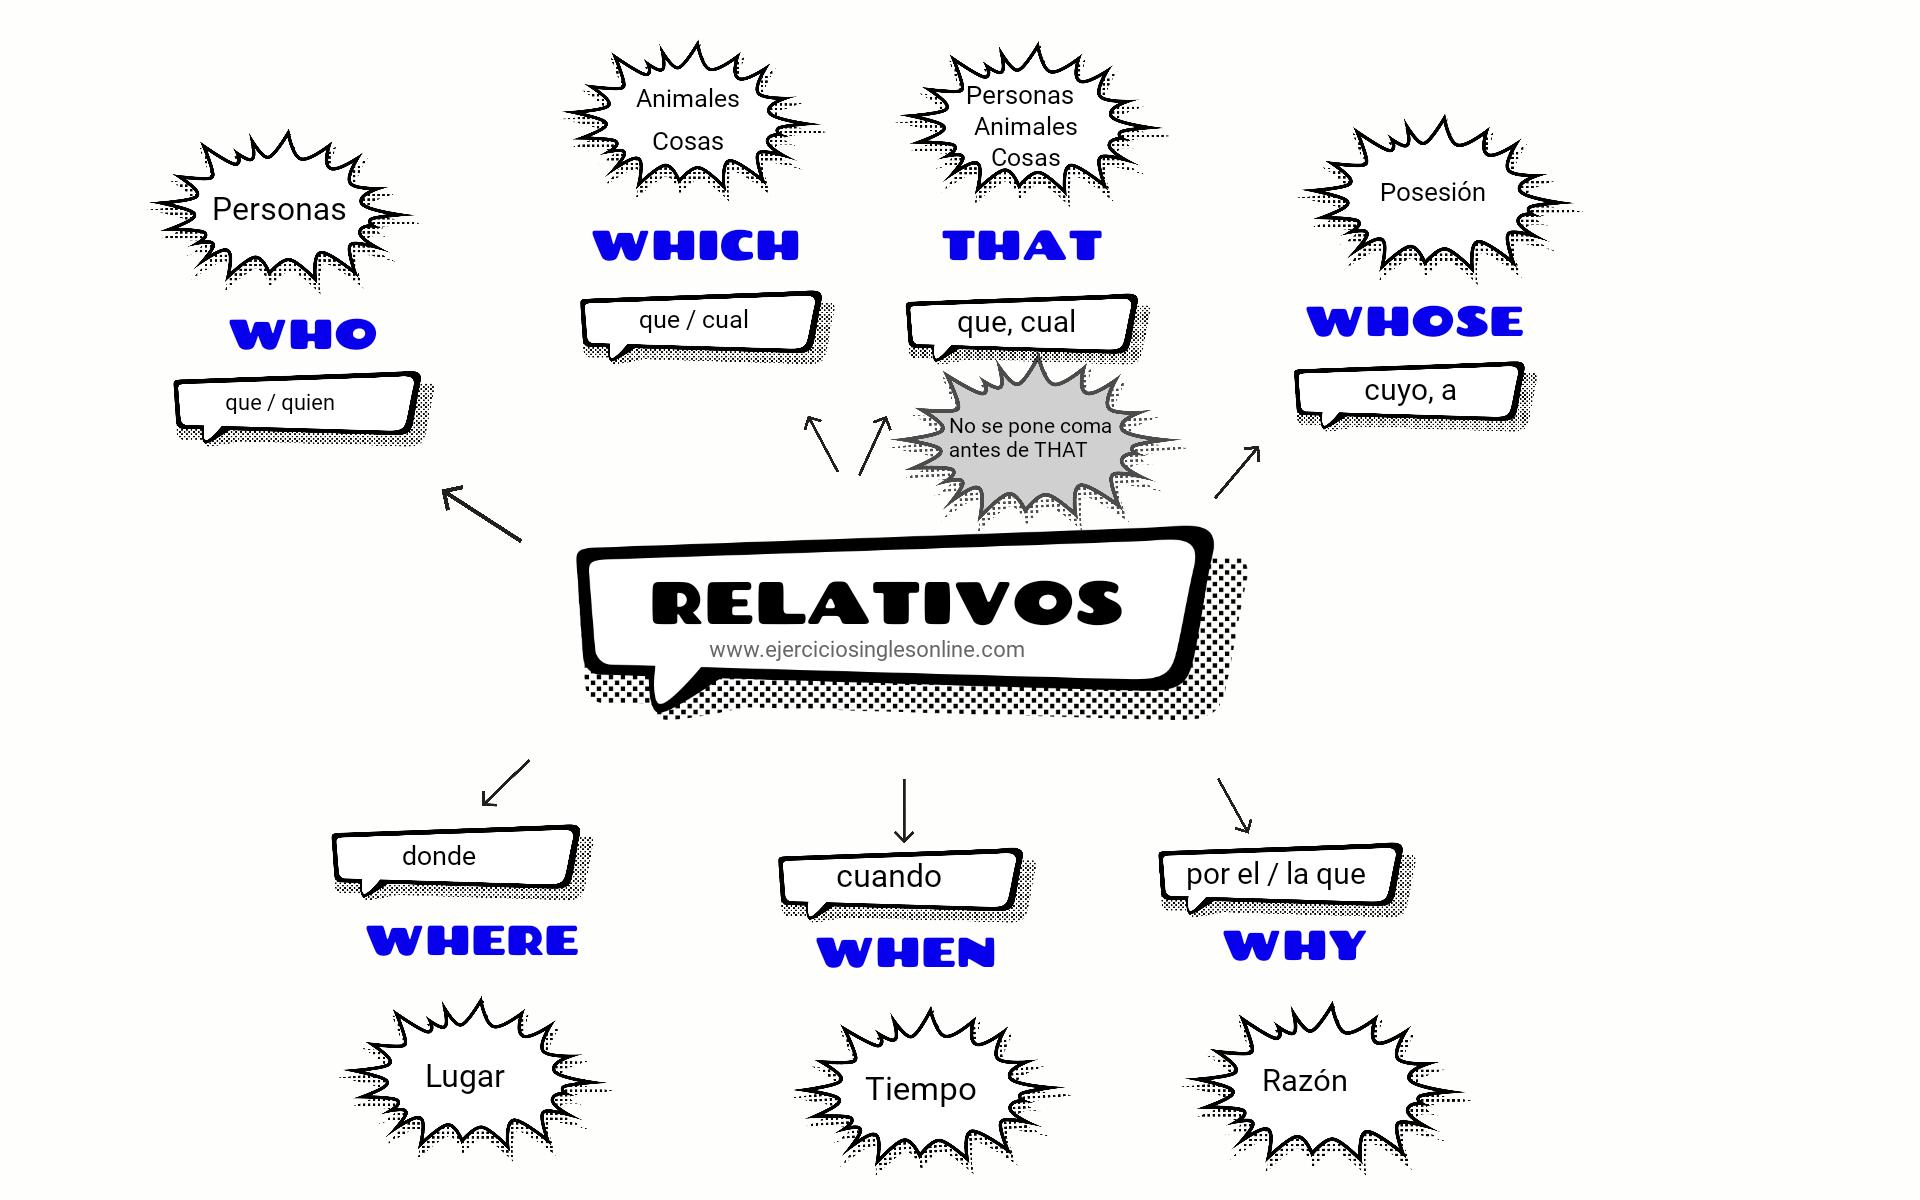 Relativos - Ejercicio 3 - Interactivo